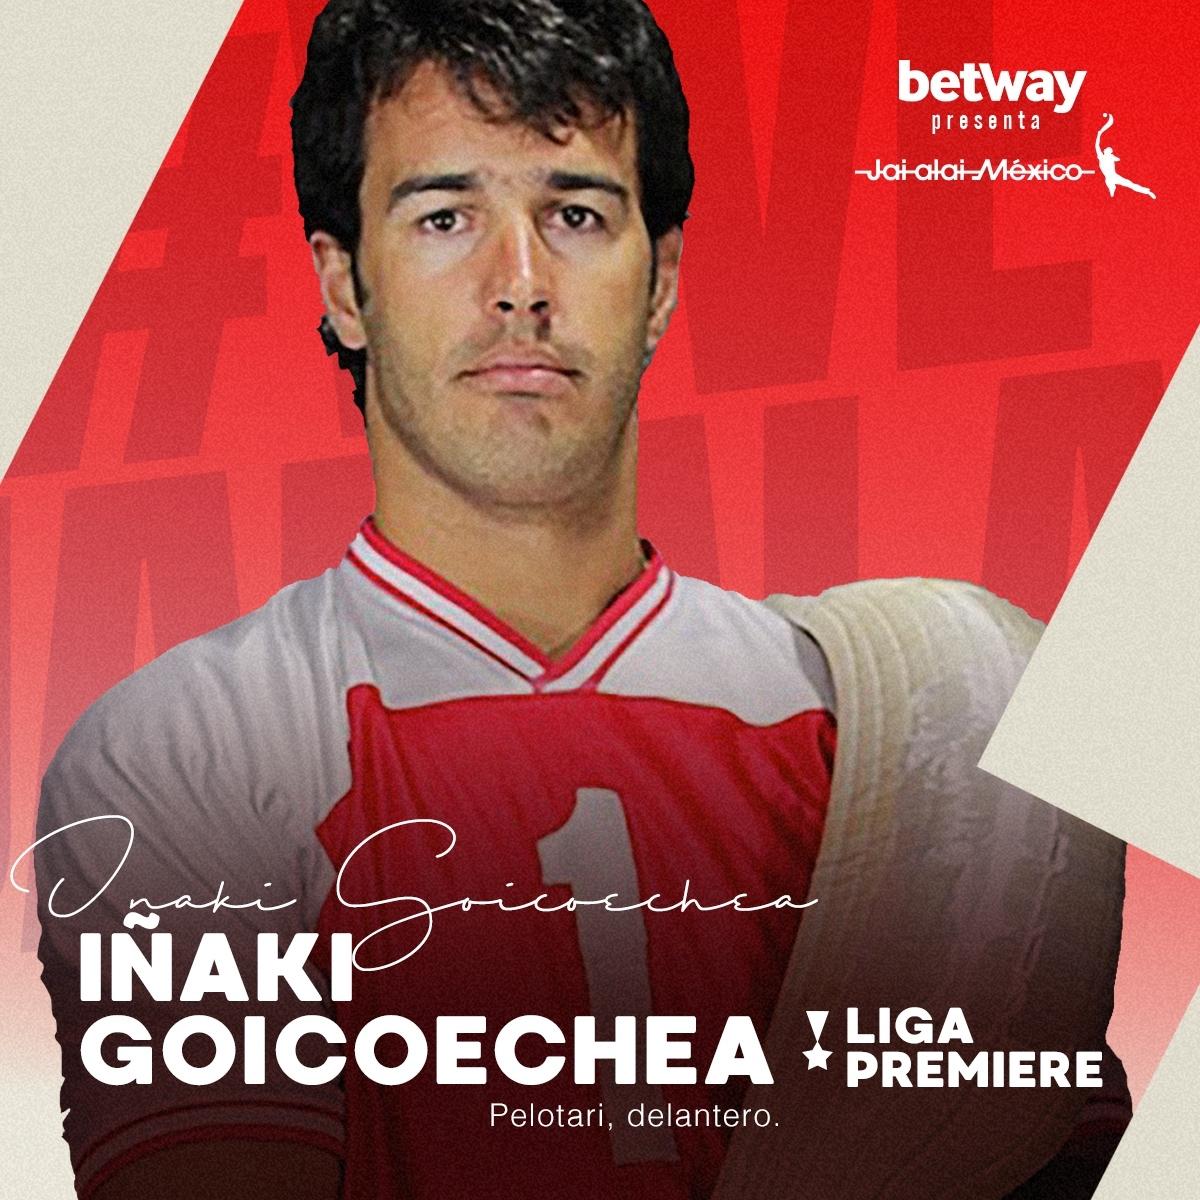 jam_2019_inaki_goicoechea